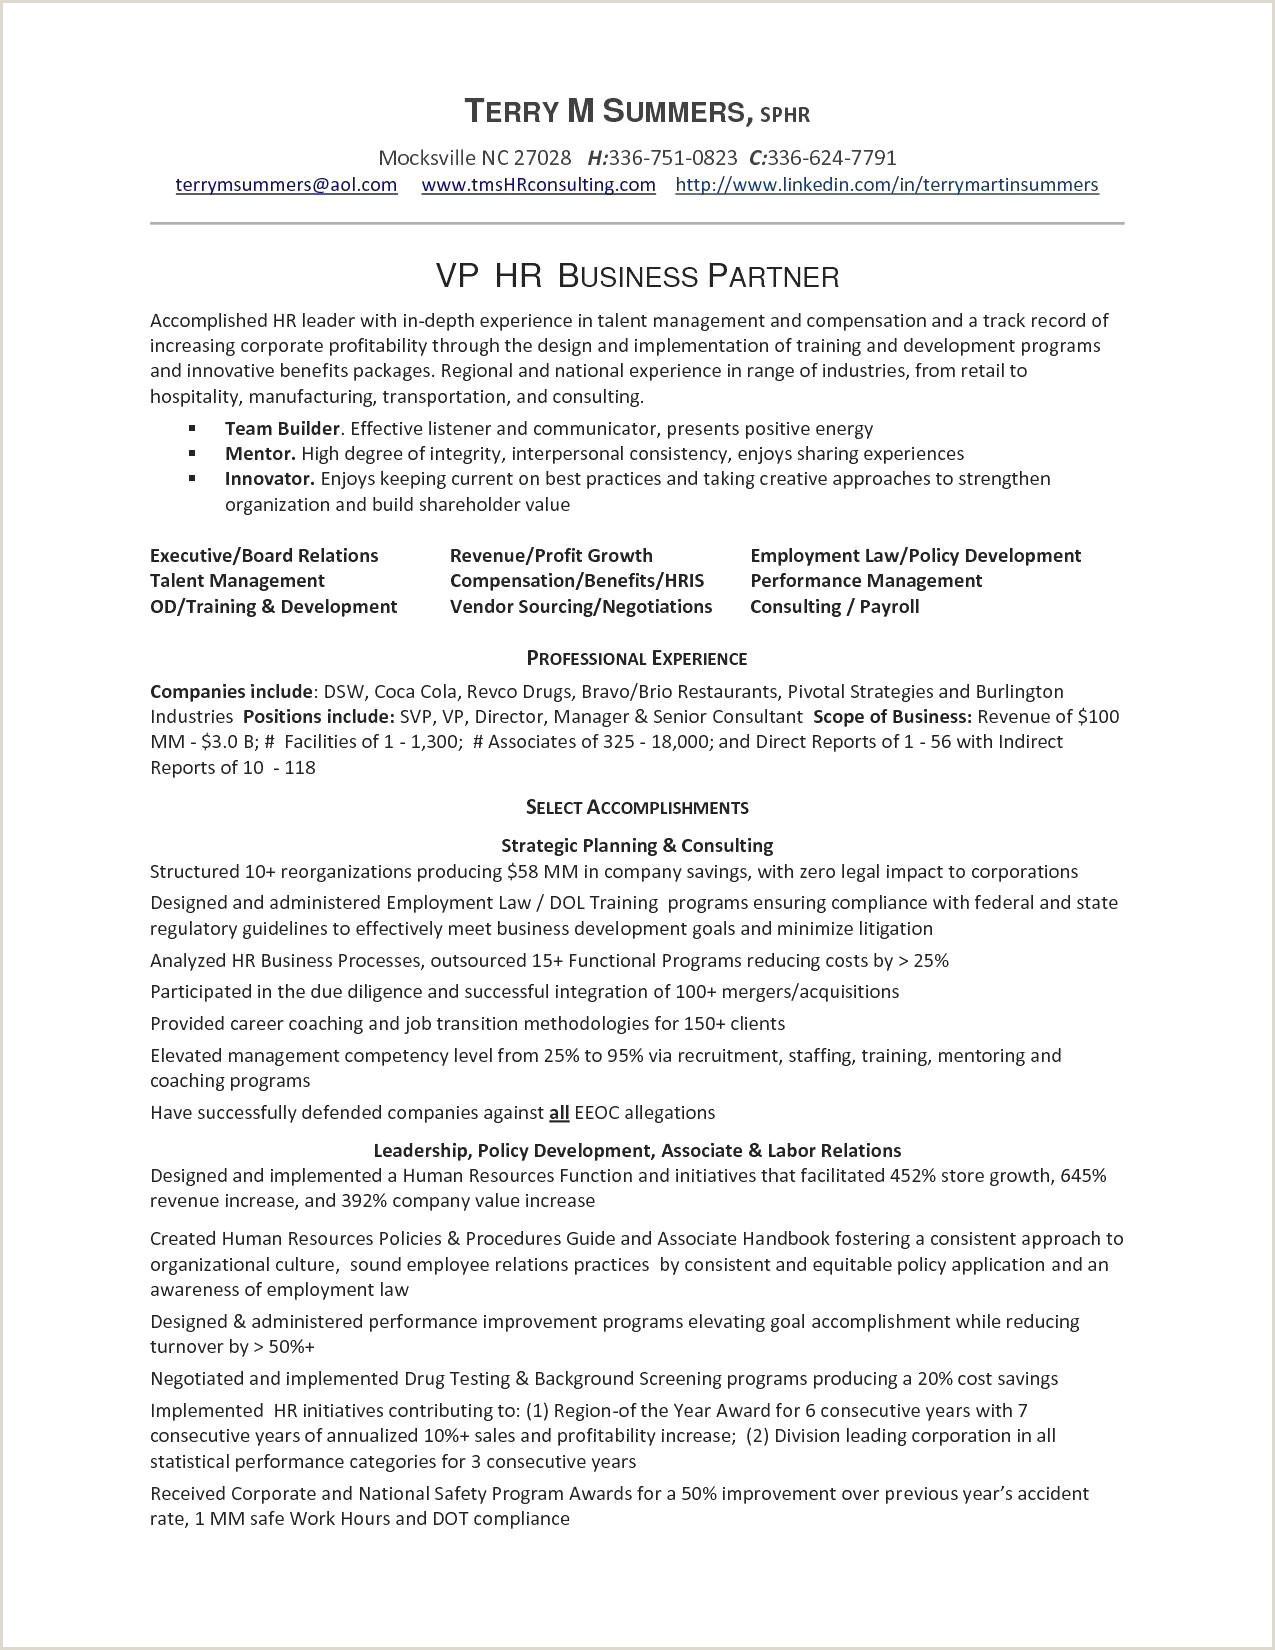 Resume Objective Samples for Dental assistant – Salumguilher